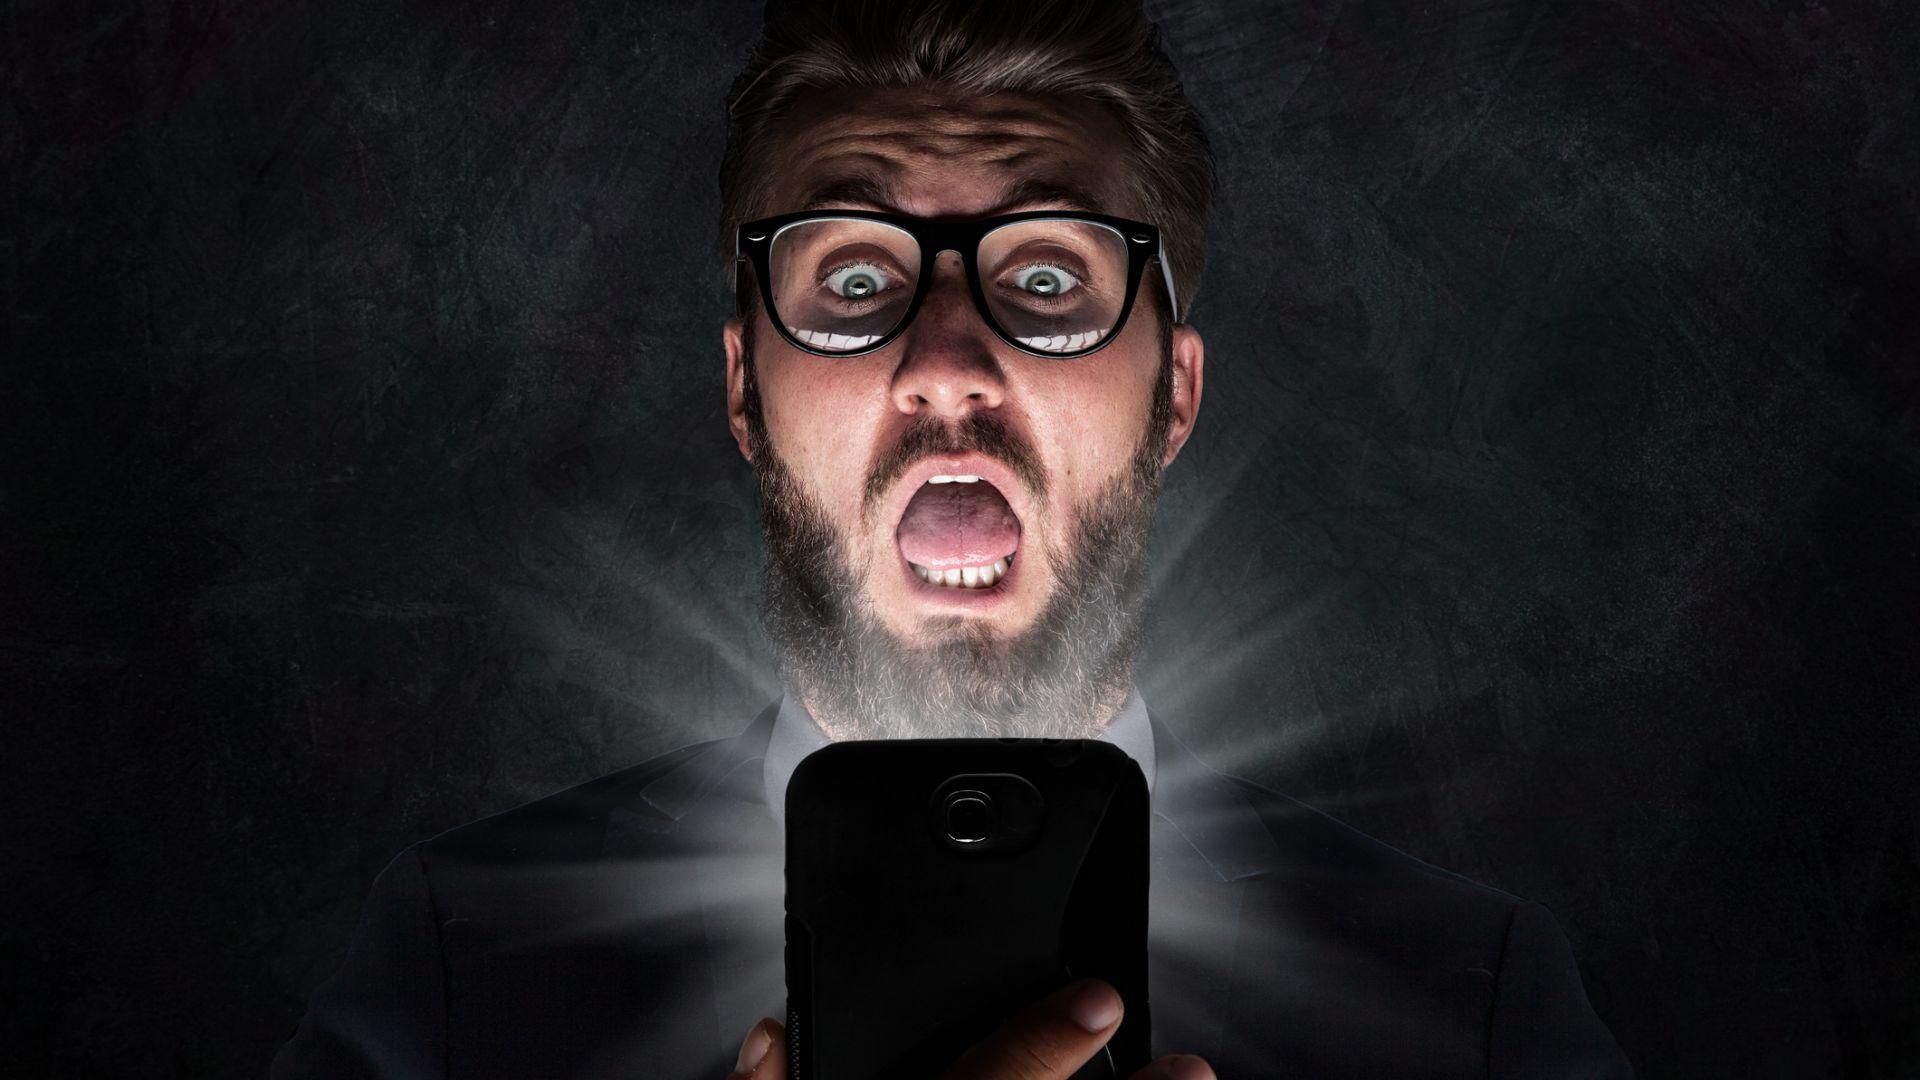 Смартфоните са дигитален серум на истината